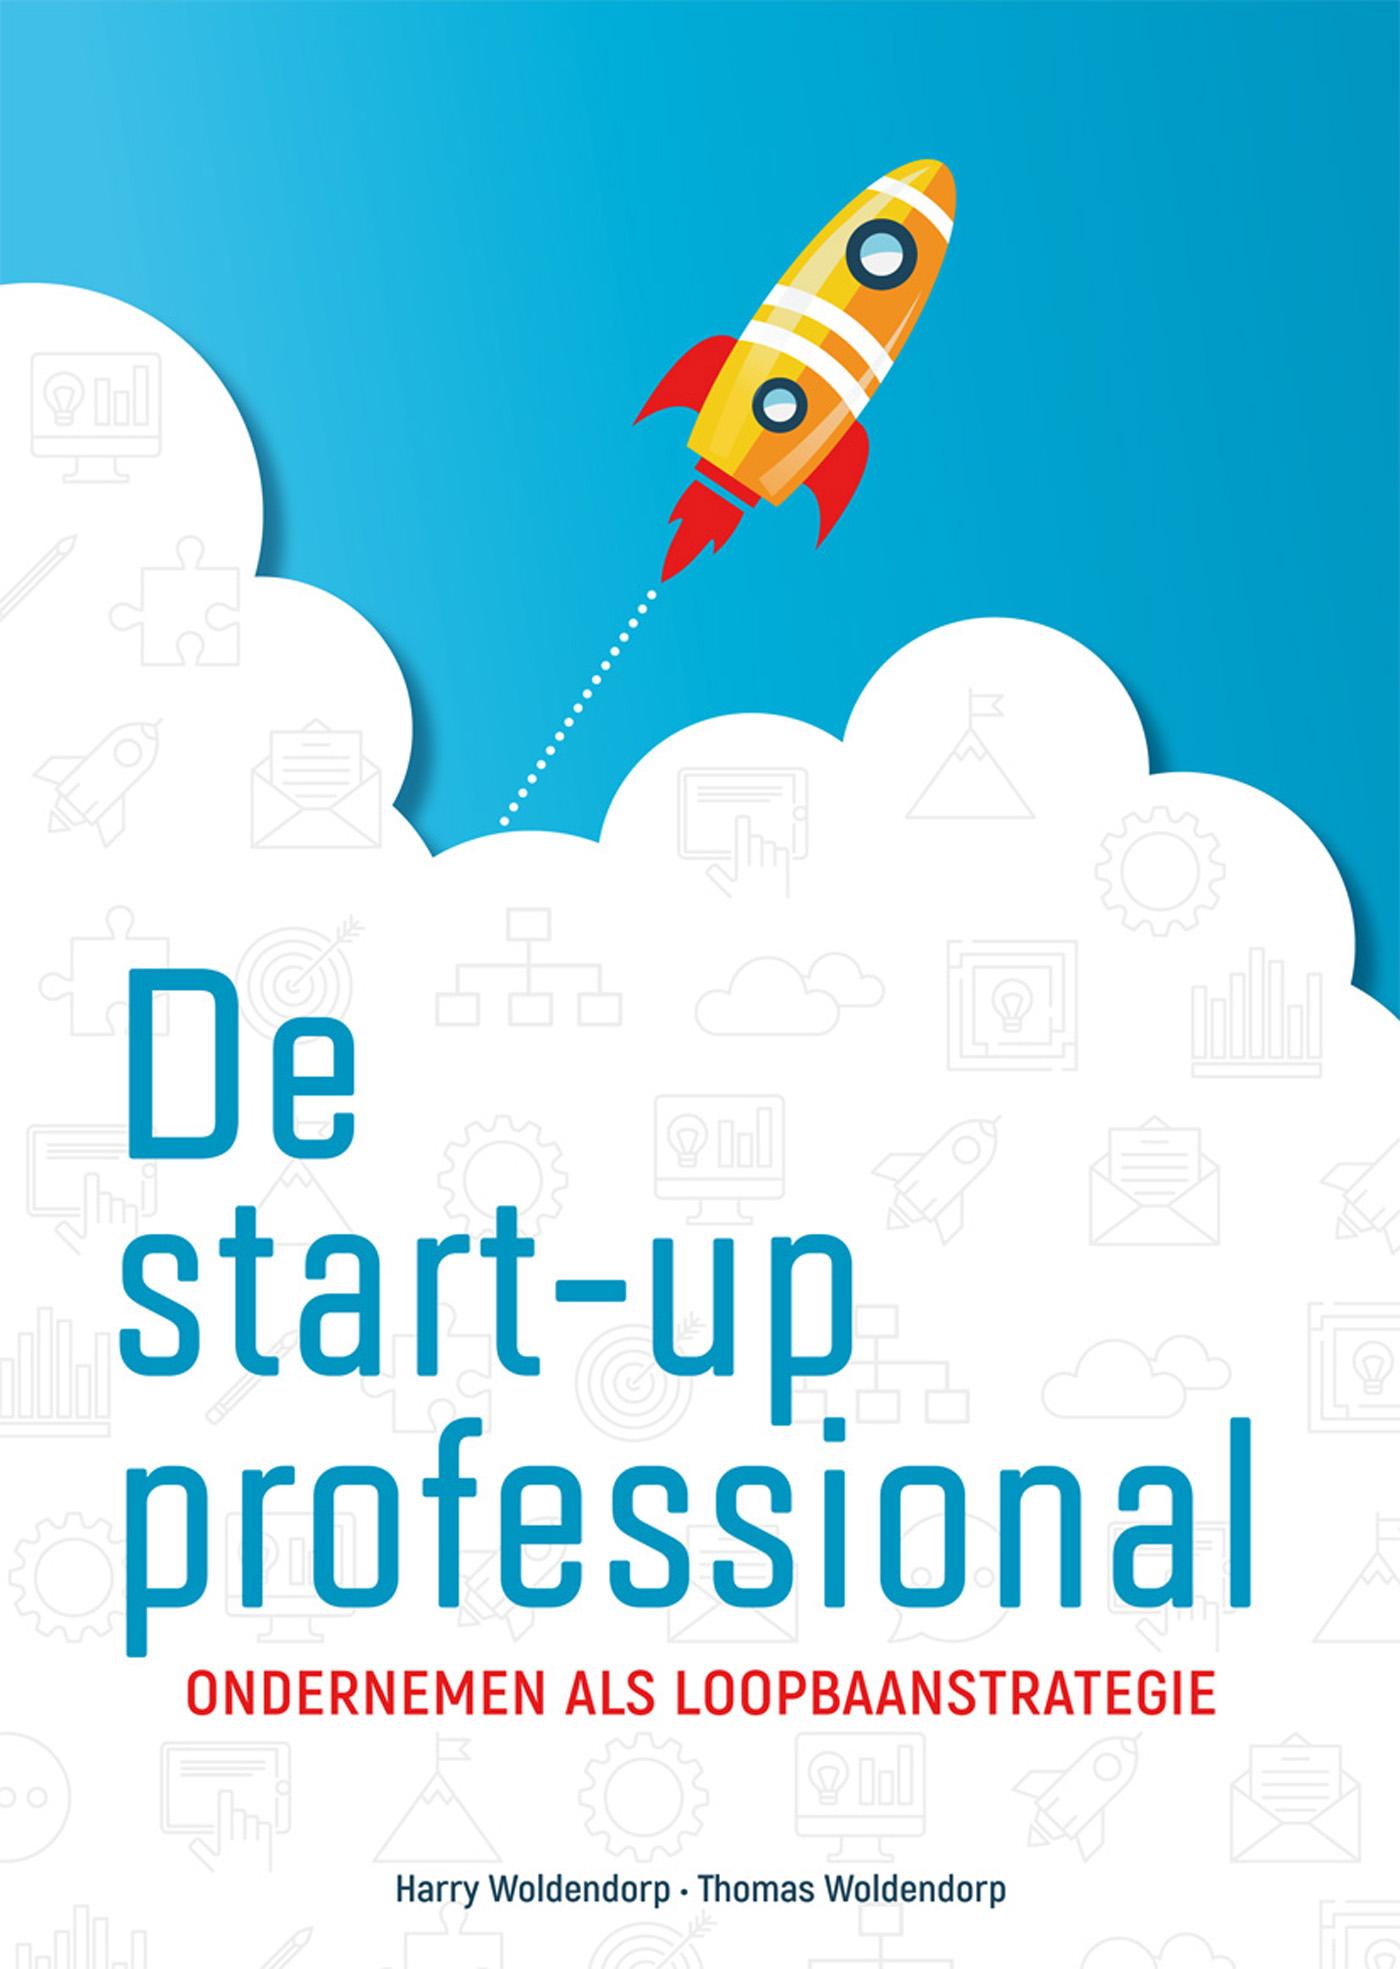 De start-up professional